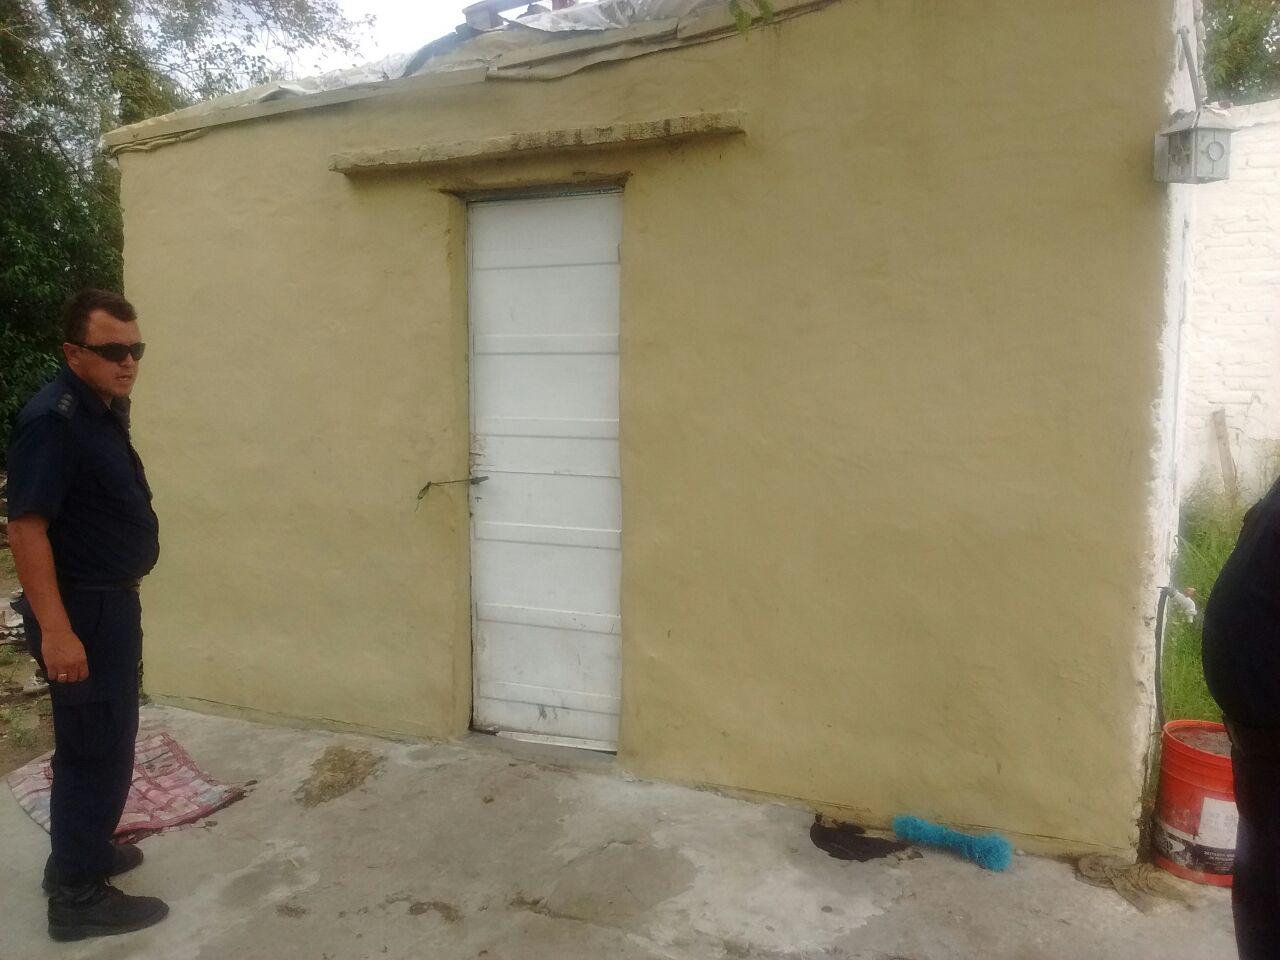 Vivienda en Facundo Quiroga donde se secuestraron los elementos detallados